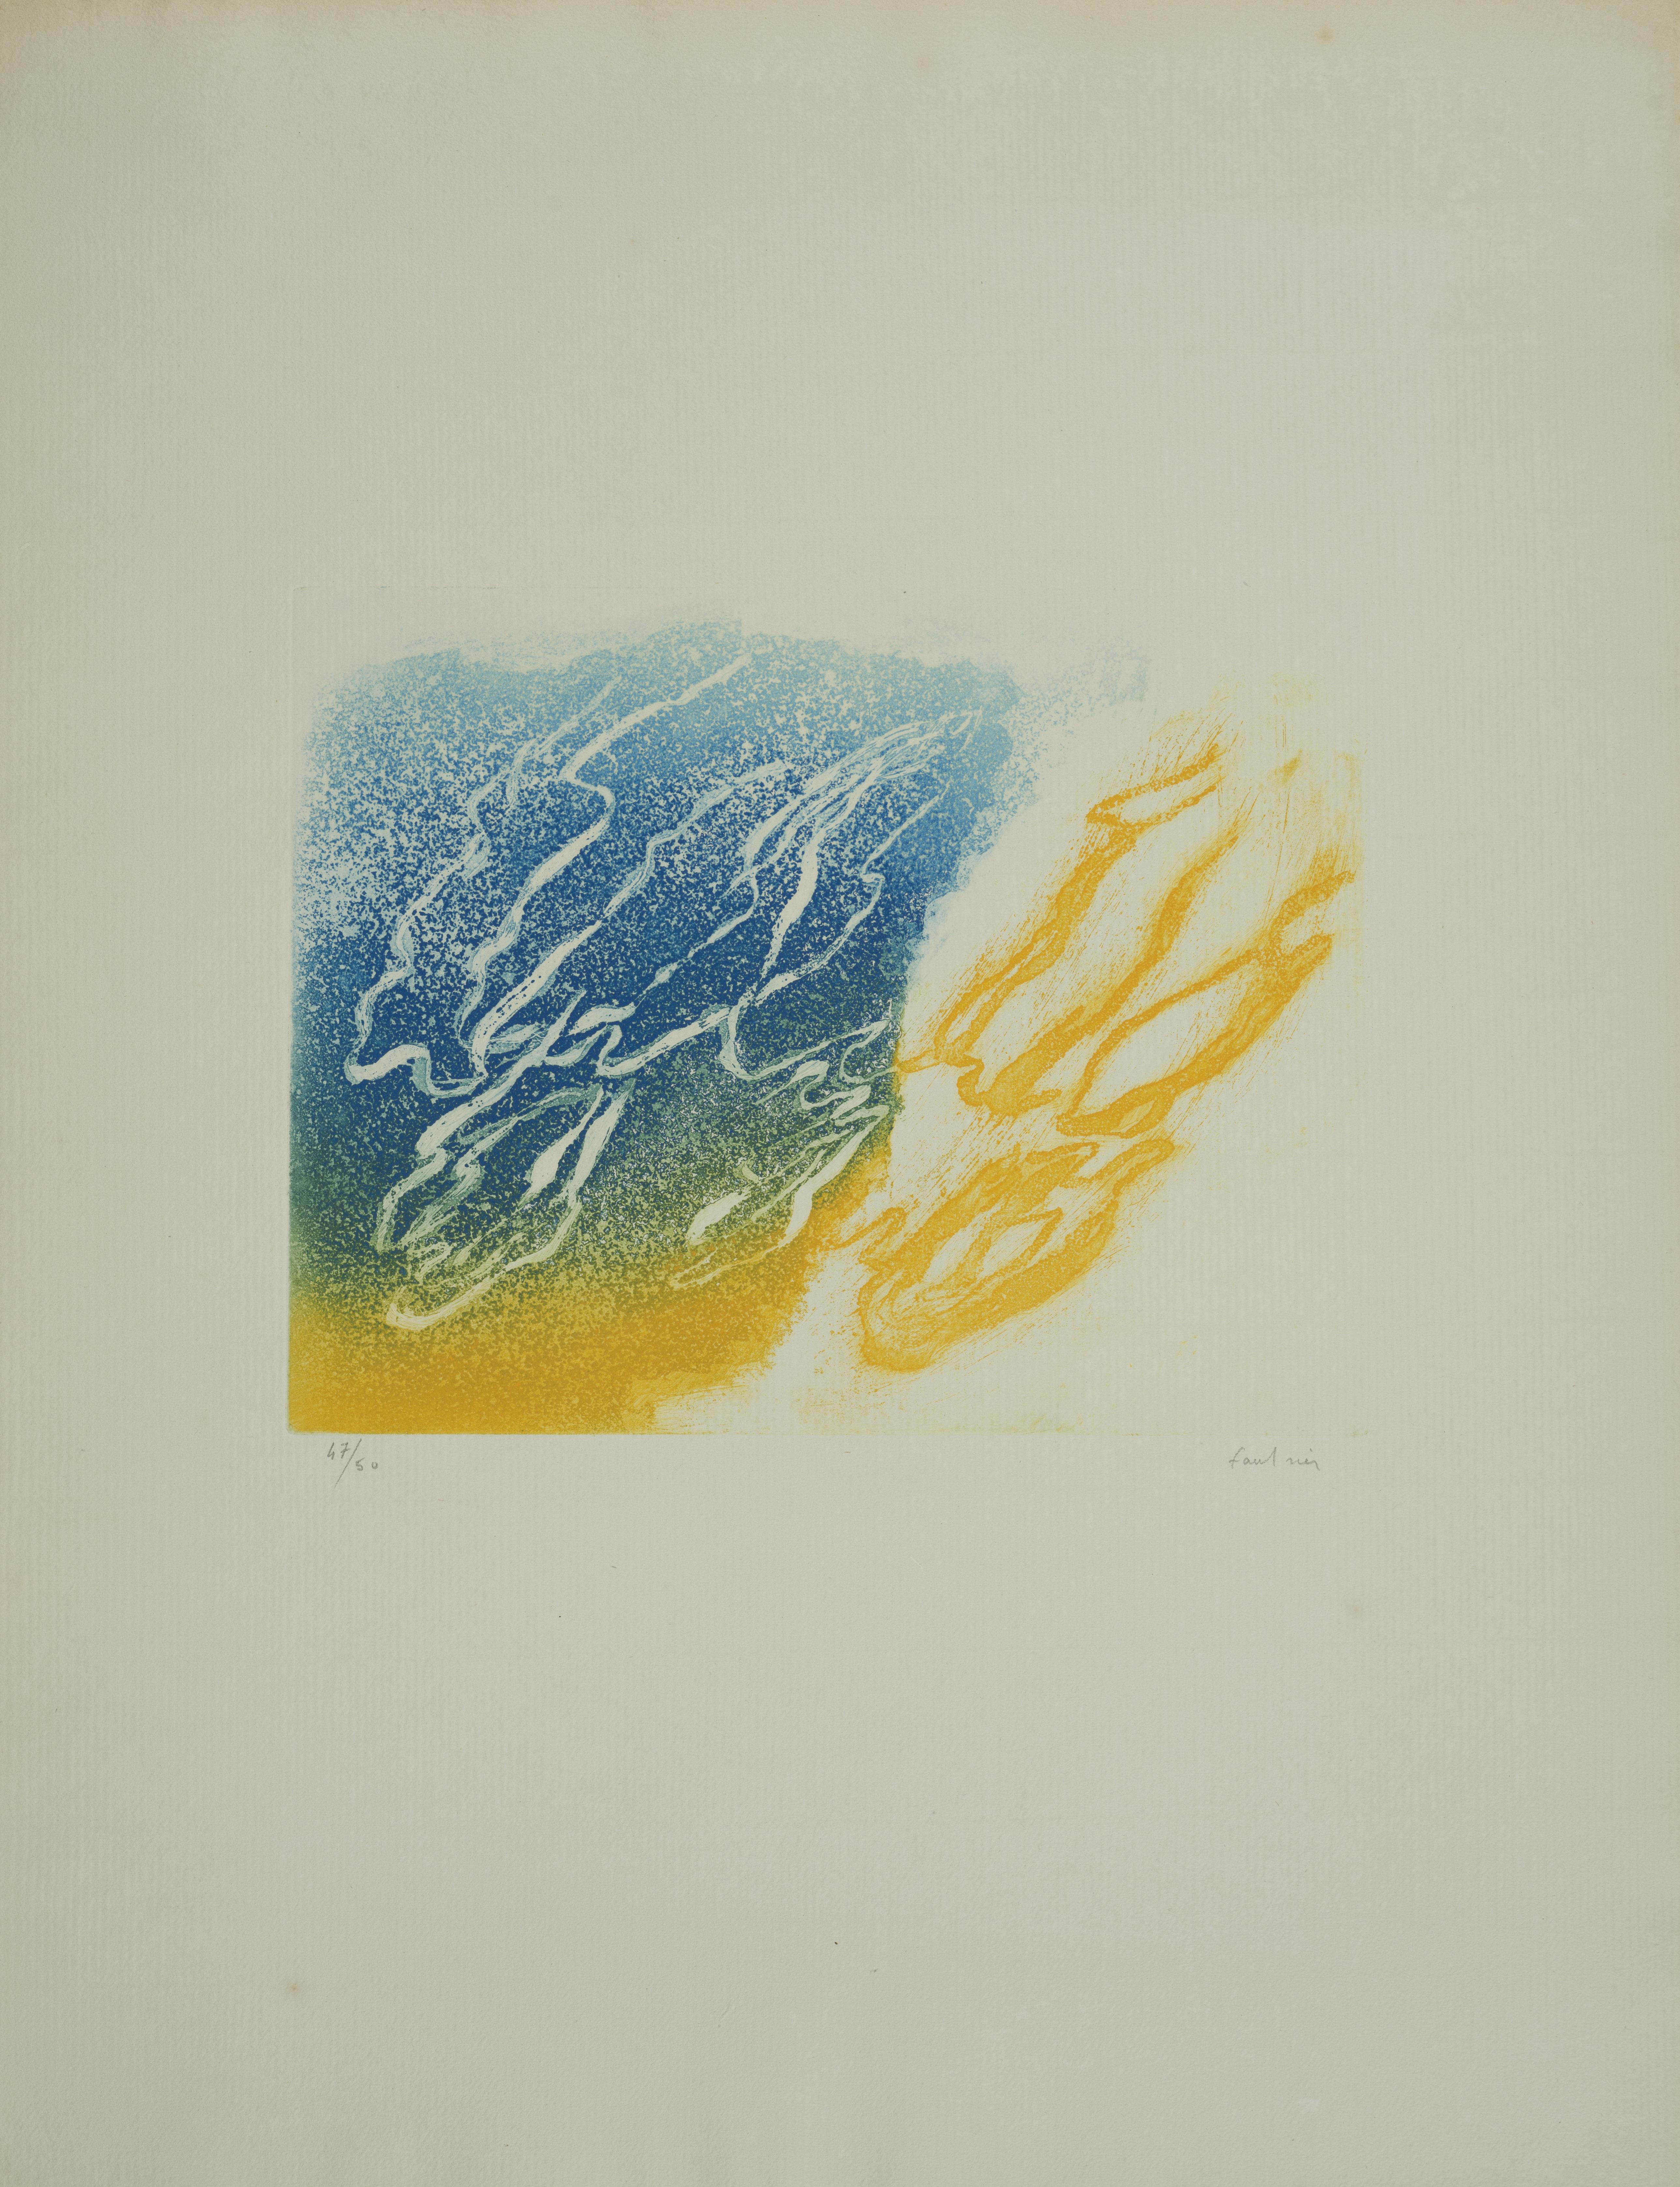 Lot 7 - Jean FAUTRIER (1898-1964) - L'Orage - Aquatinte en couleurs sur Vergé d'Auvergne [...]